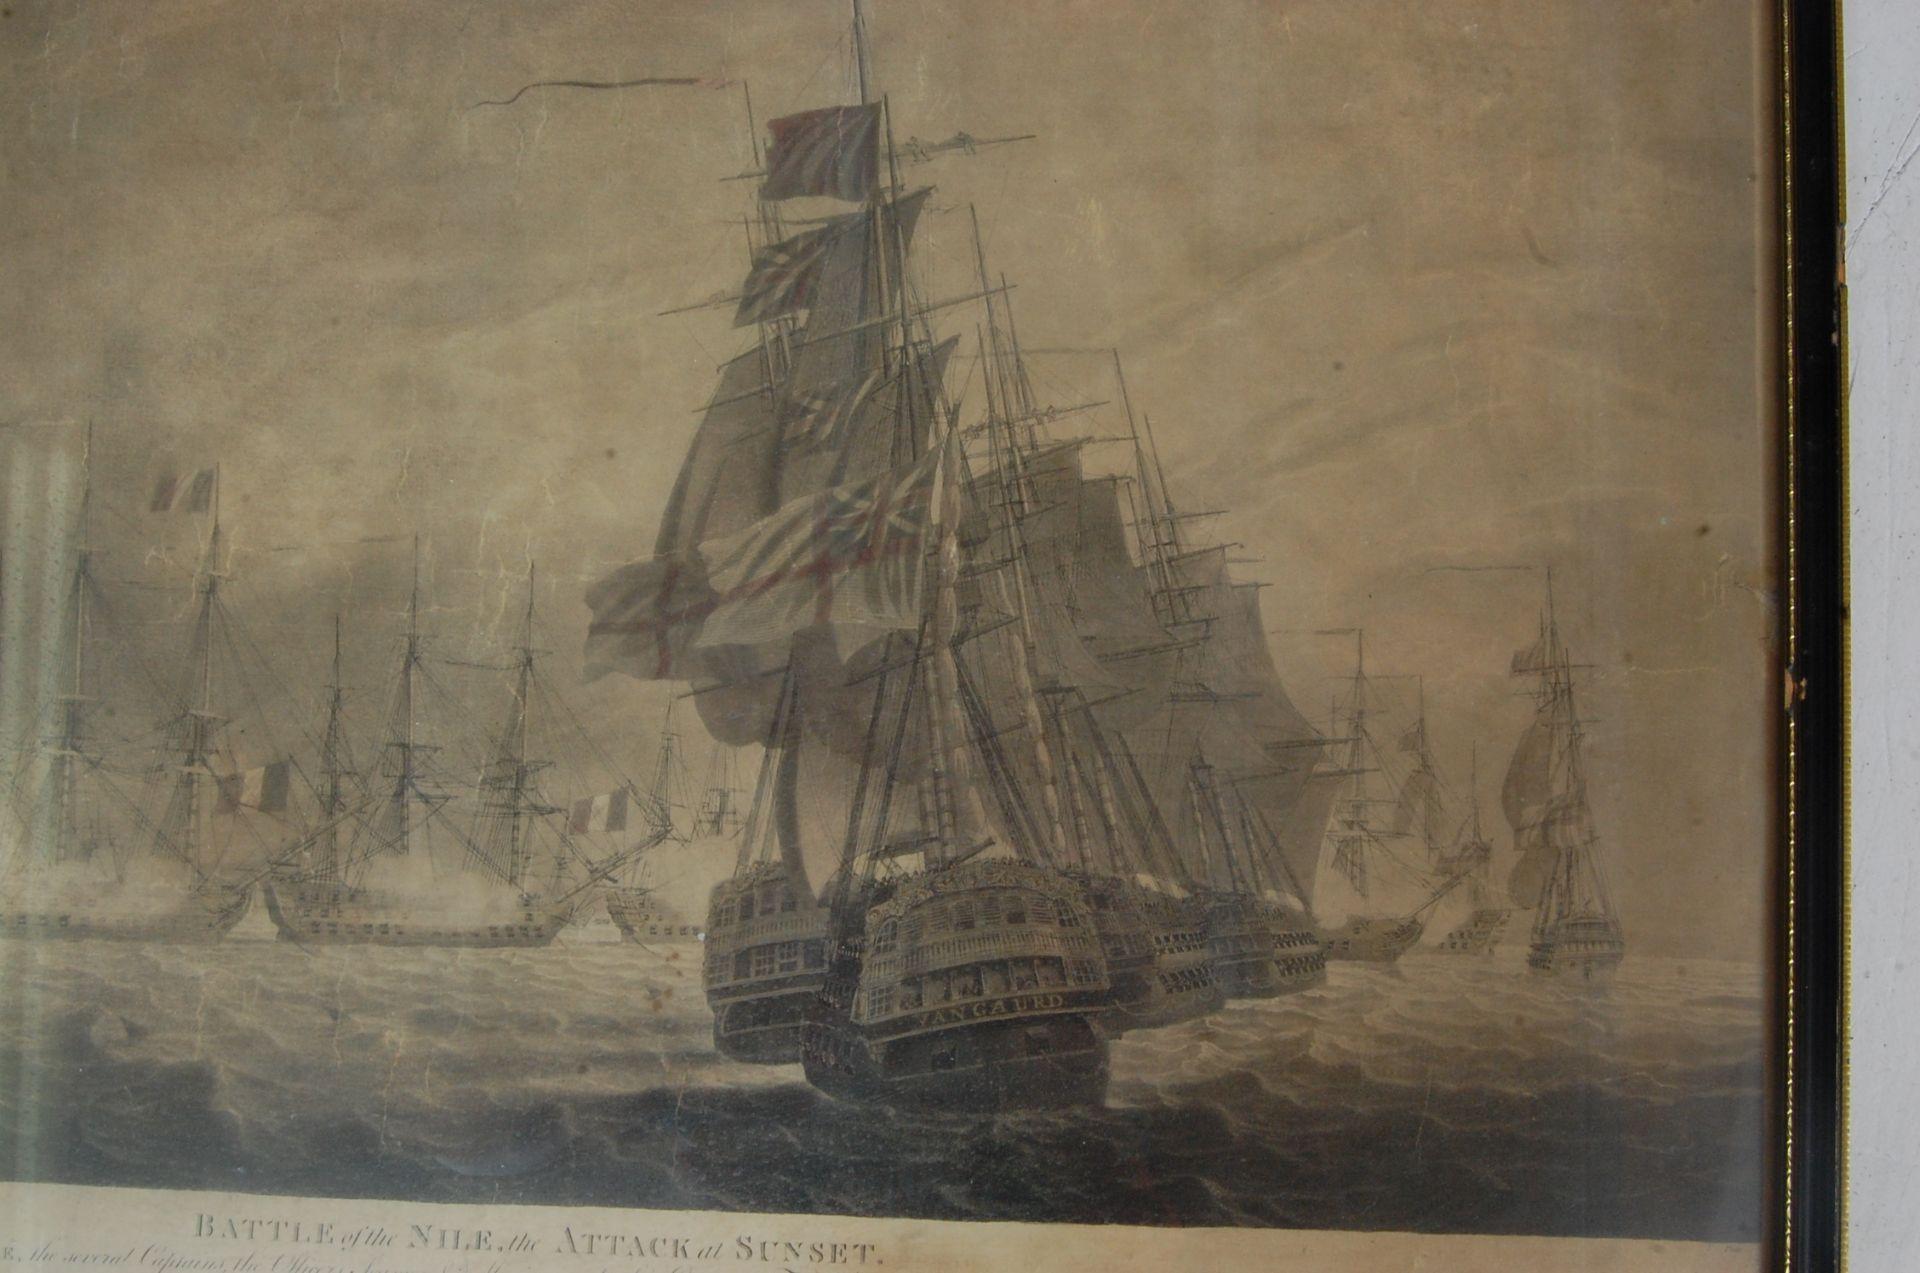 ANTIQUE 19TH CENTURY LITHOGRAPHS PEINTS / ETCHING PLATES - Bild 11 aus 16